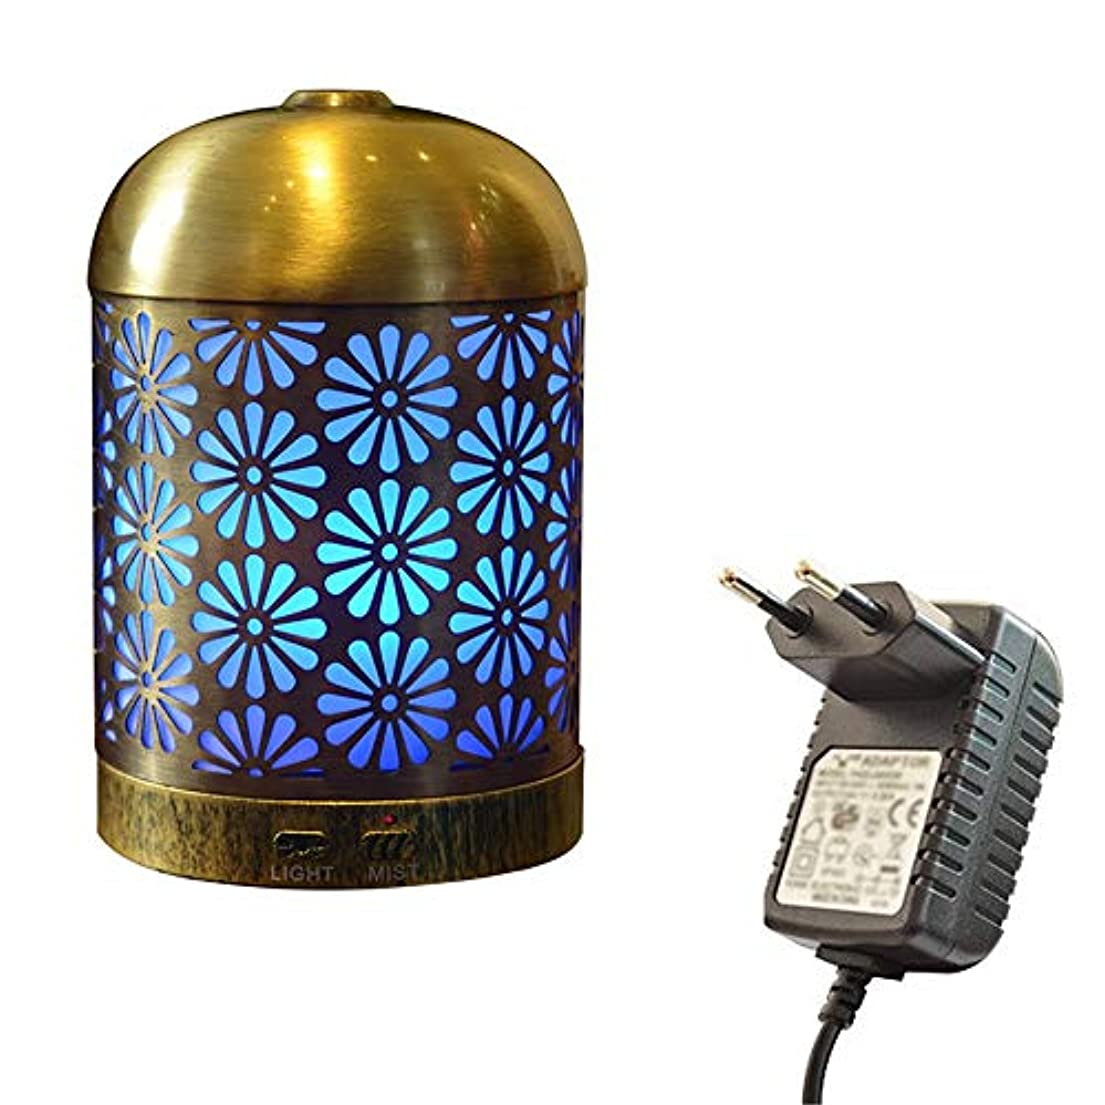 魅力的であることへのアピールを除くクックプレミアムアイアンアロマセラピーディフューザー、超音波クールミストエッセンシャルオイルディフューザー、7色LED用ホーム、スパ